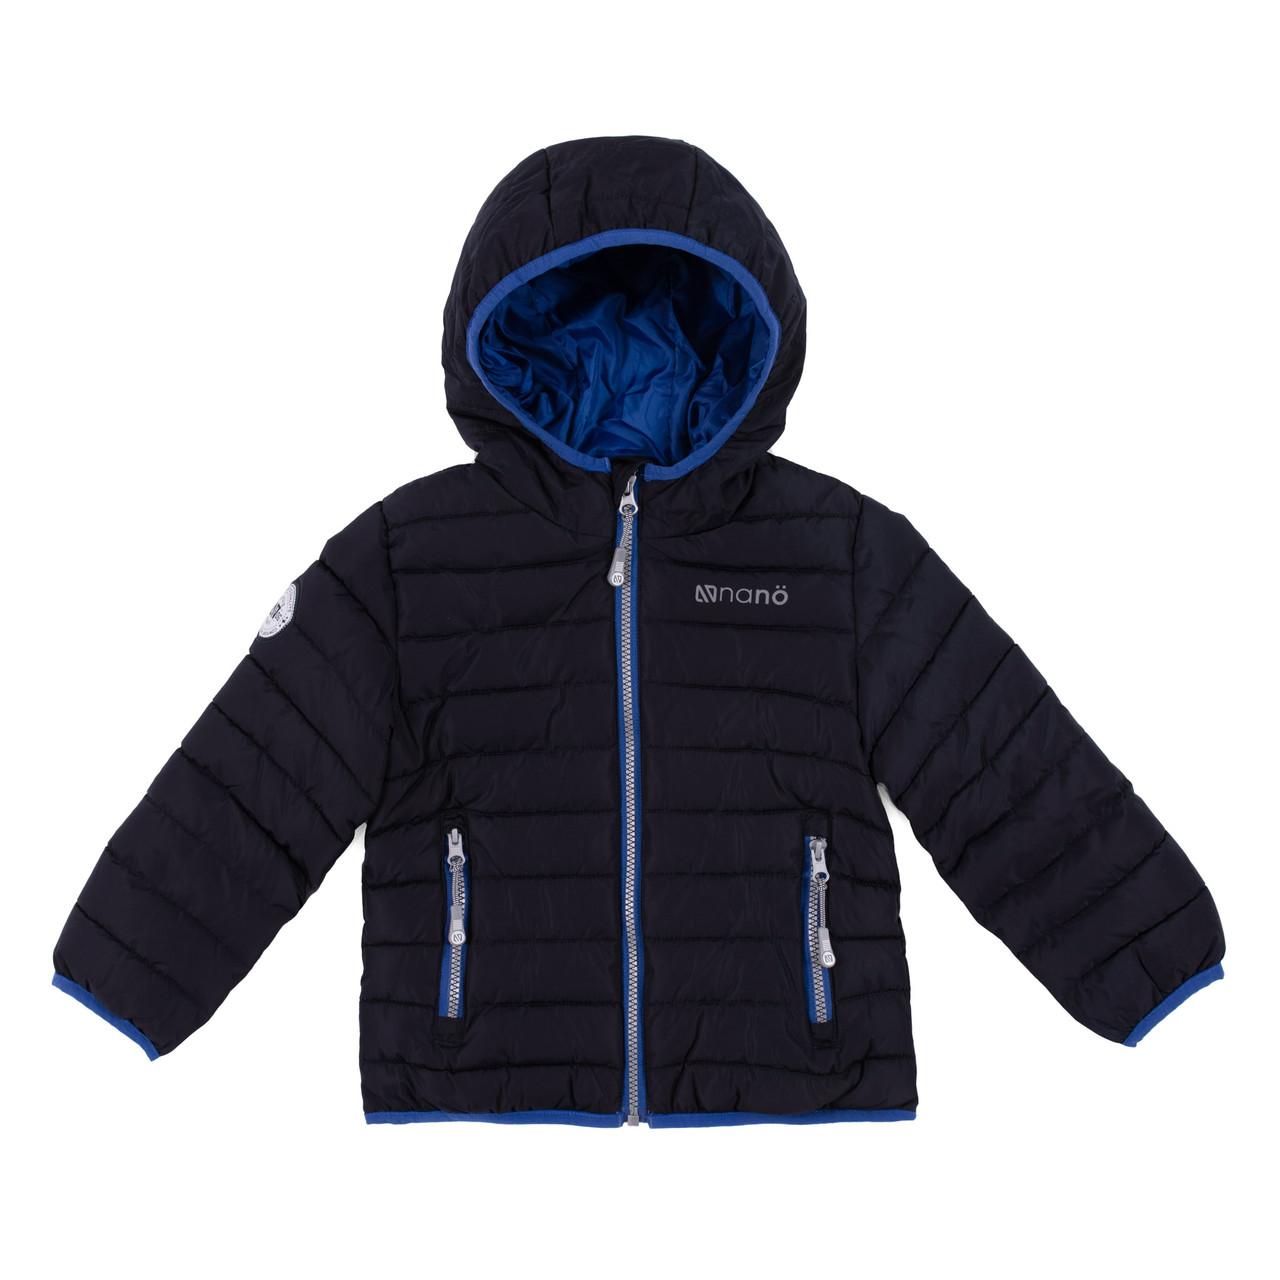 Демісезонна куртка для хлопчика DkNavy Nano